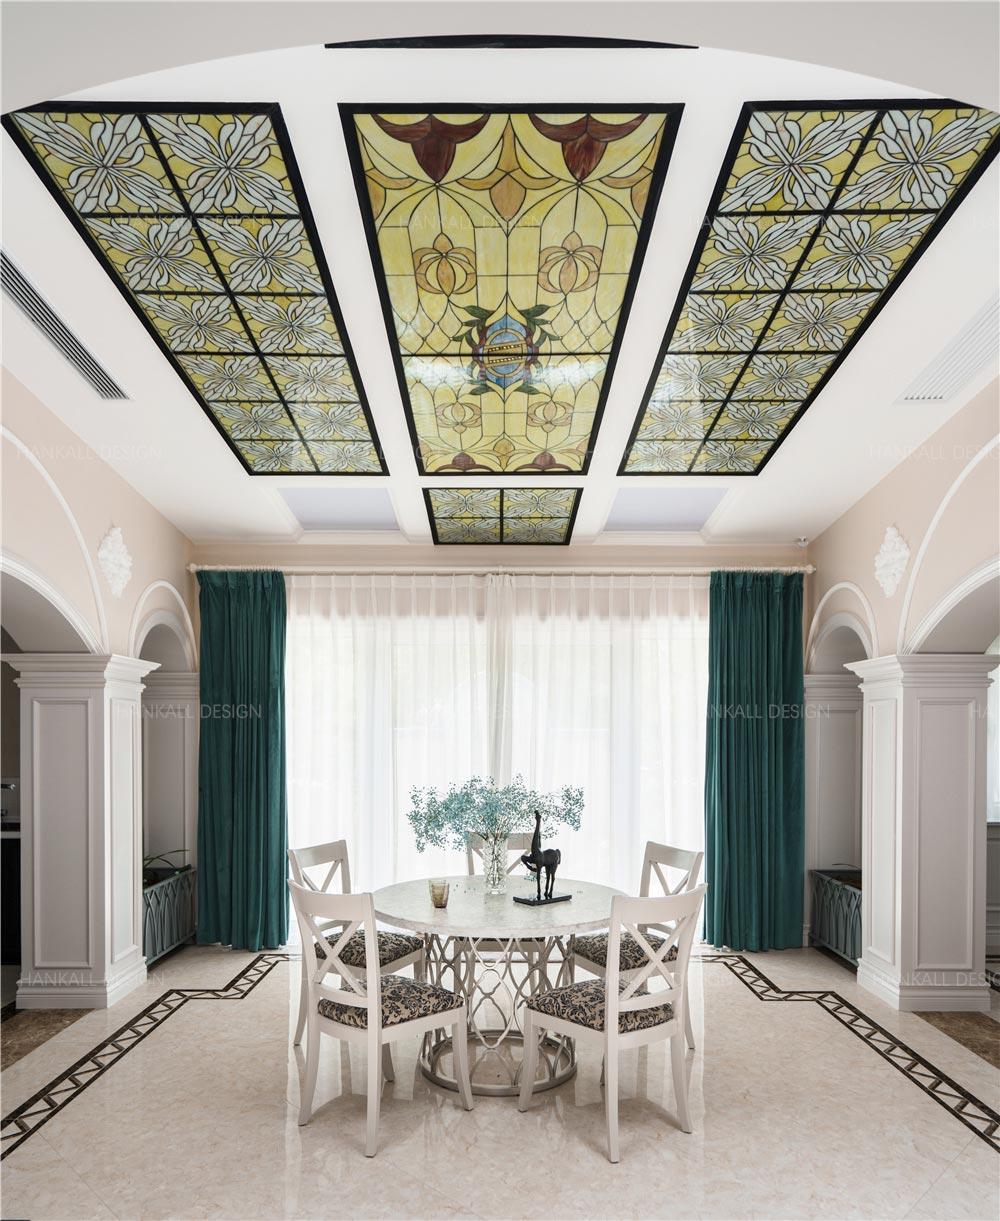 法式风格别墅餐厅装修效果图